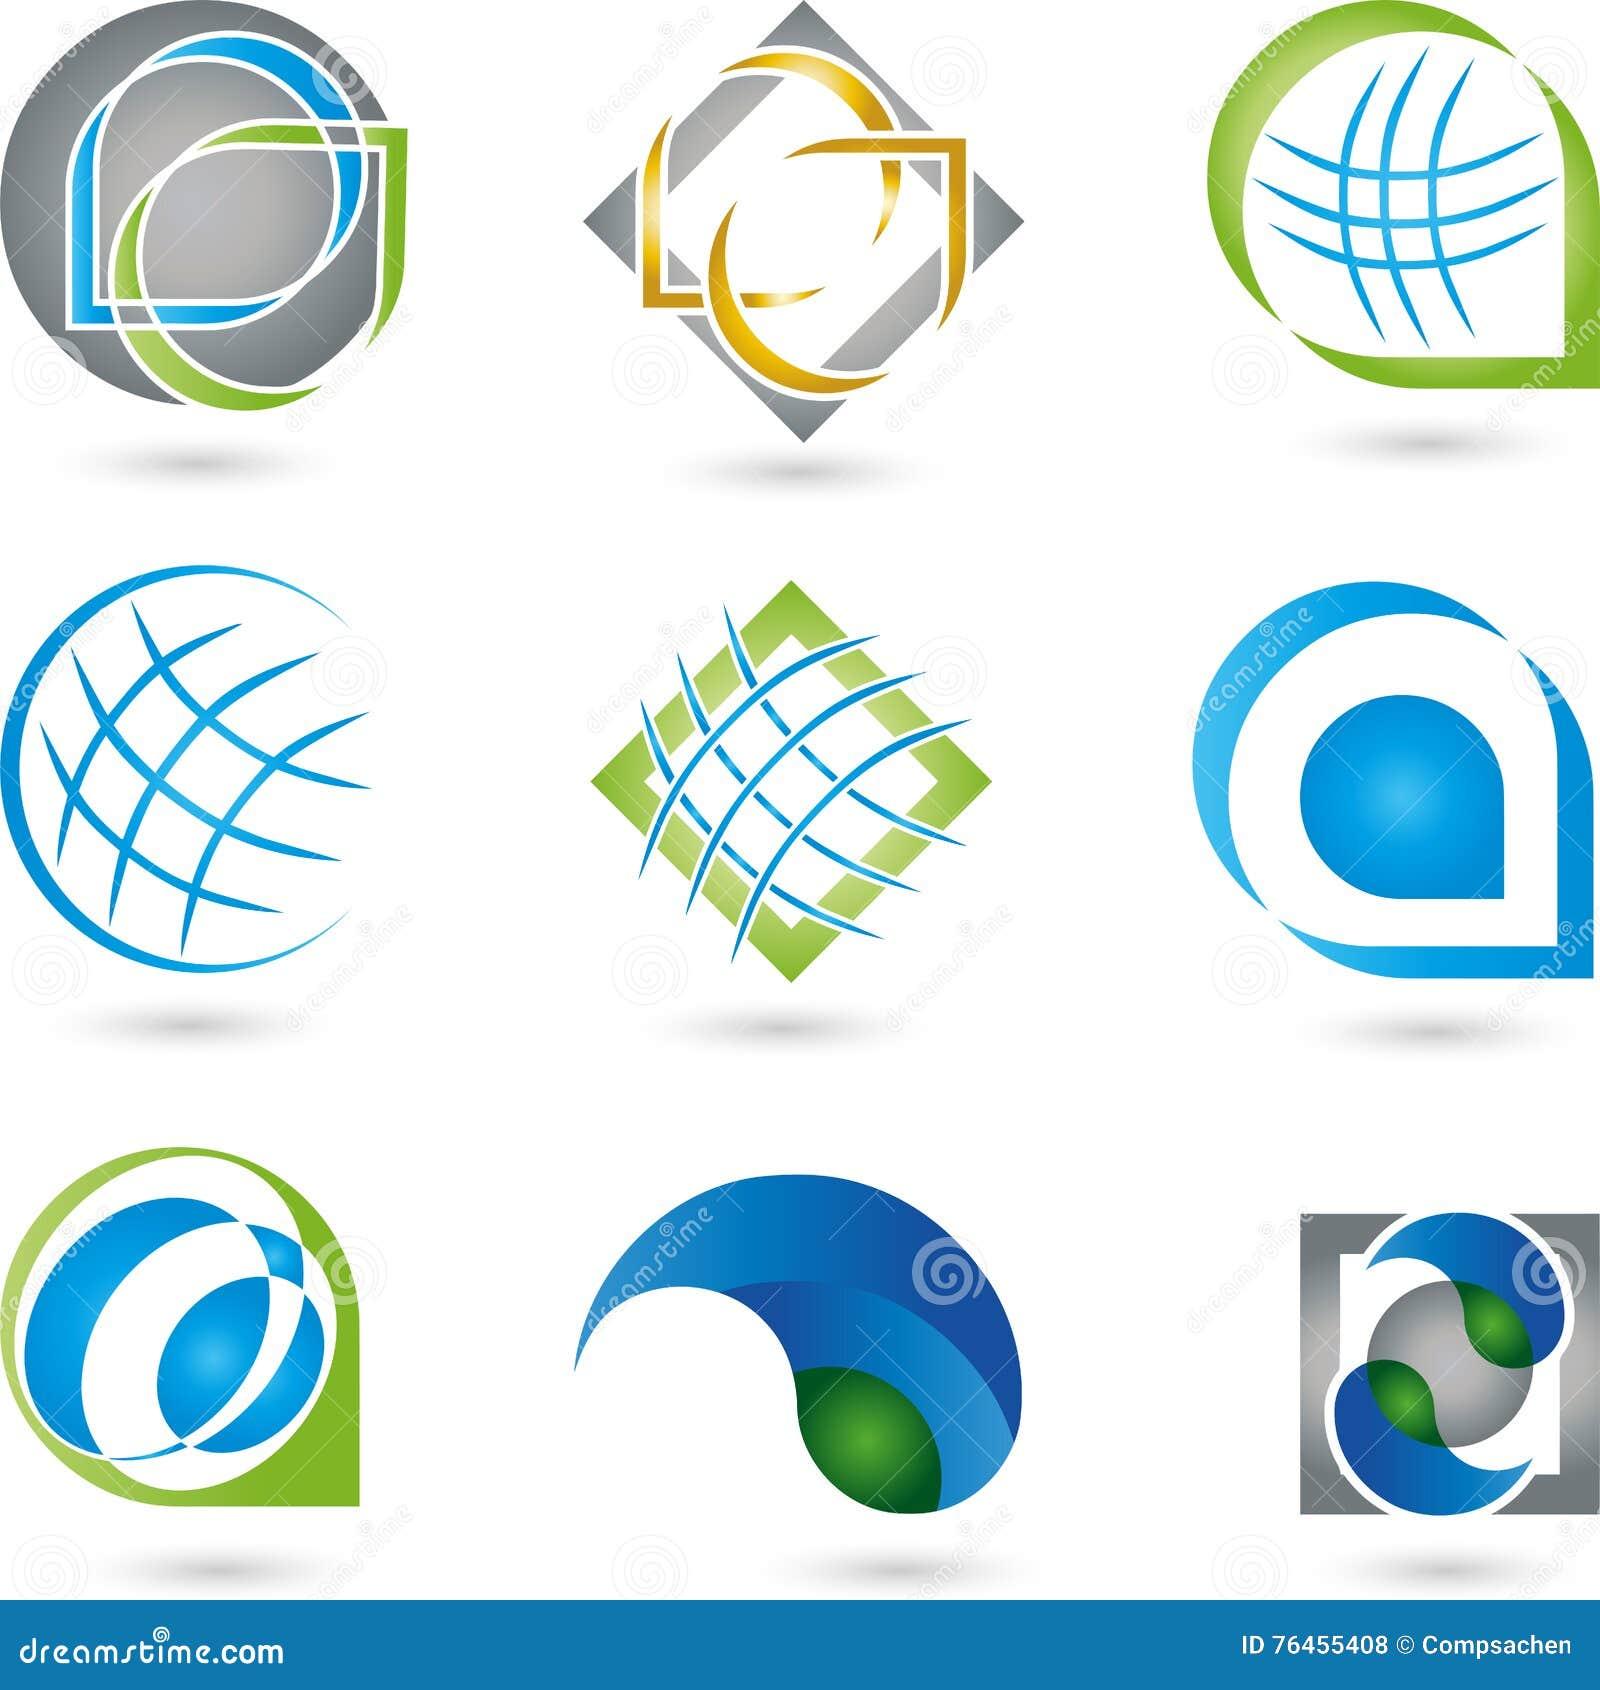 Circuito Y Servicios : Logotipos colección servicios las tic foto de archivo imagen